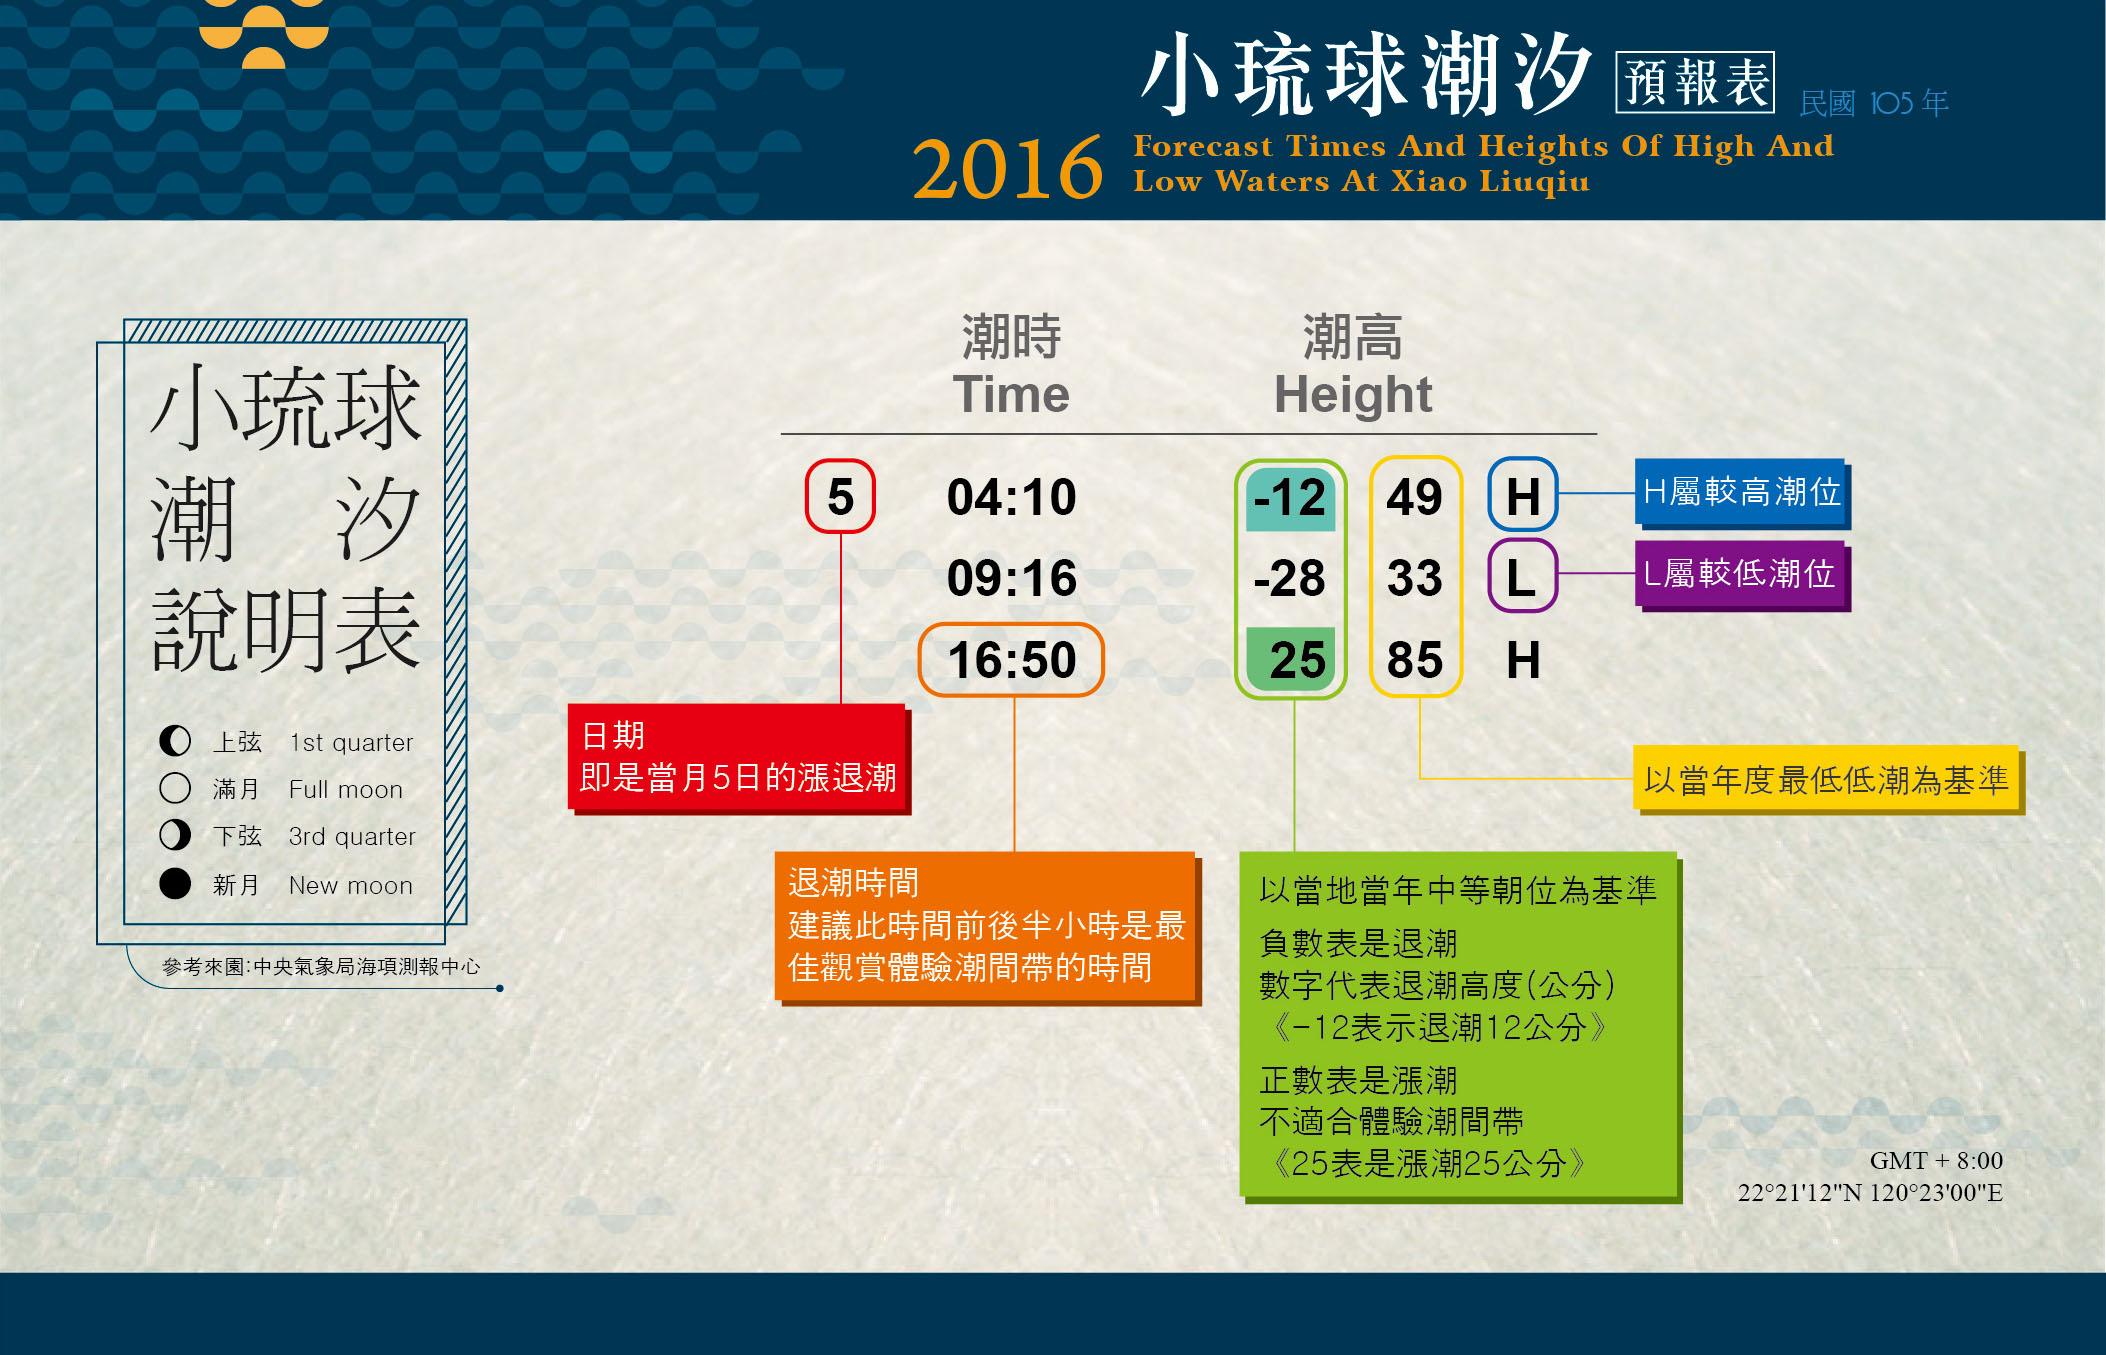 小琉球,2016年潮汐表,小琉球潮間帶,2016年潮汐表